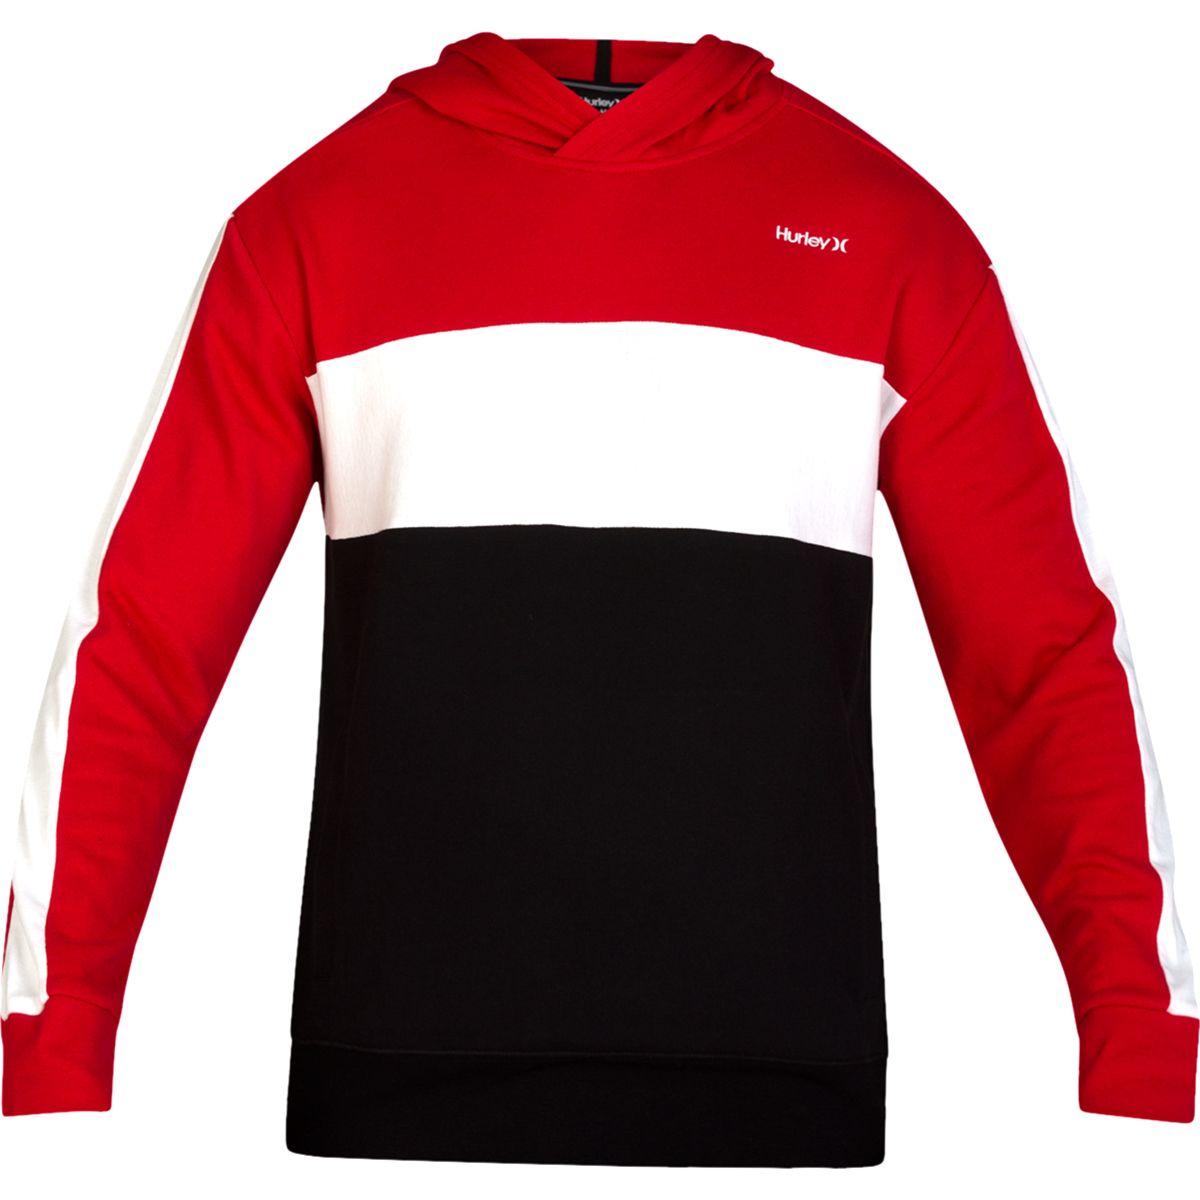 Hurley Men's Blocked Fleece Pullover Hoodie - Red, L